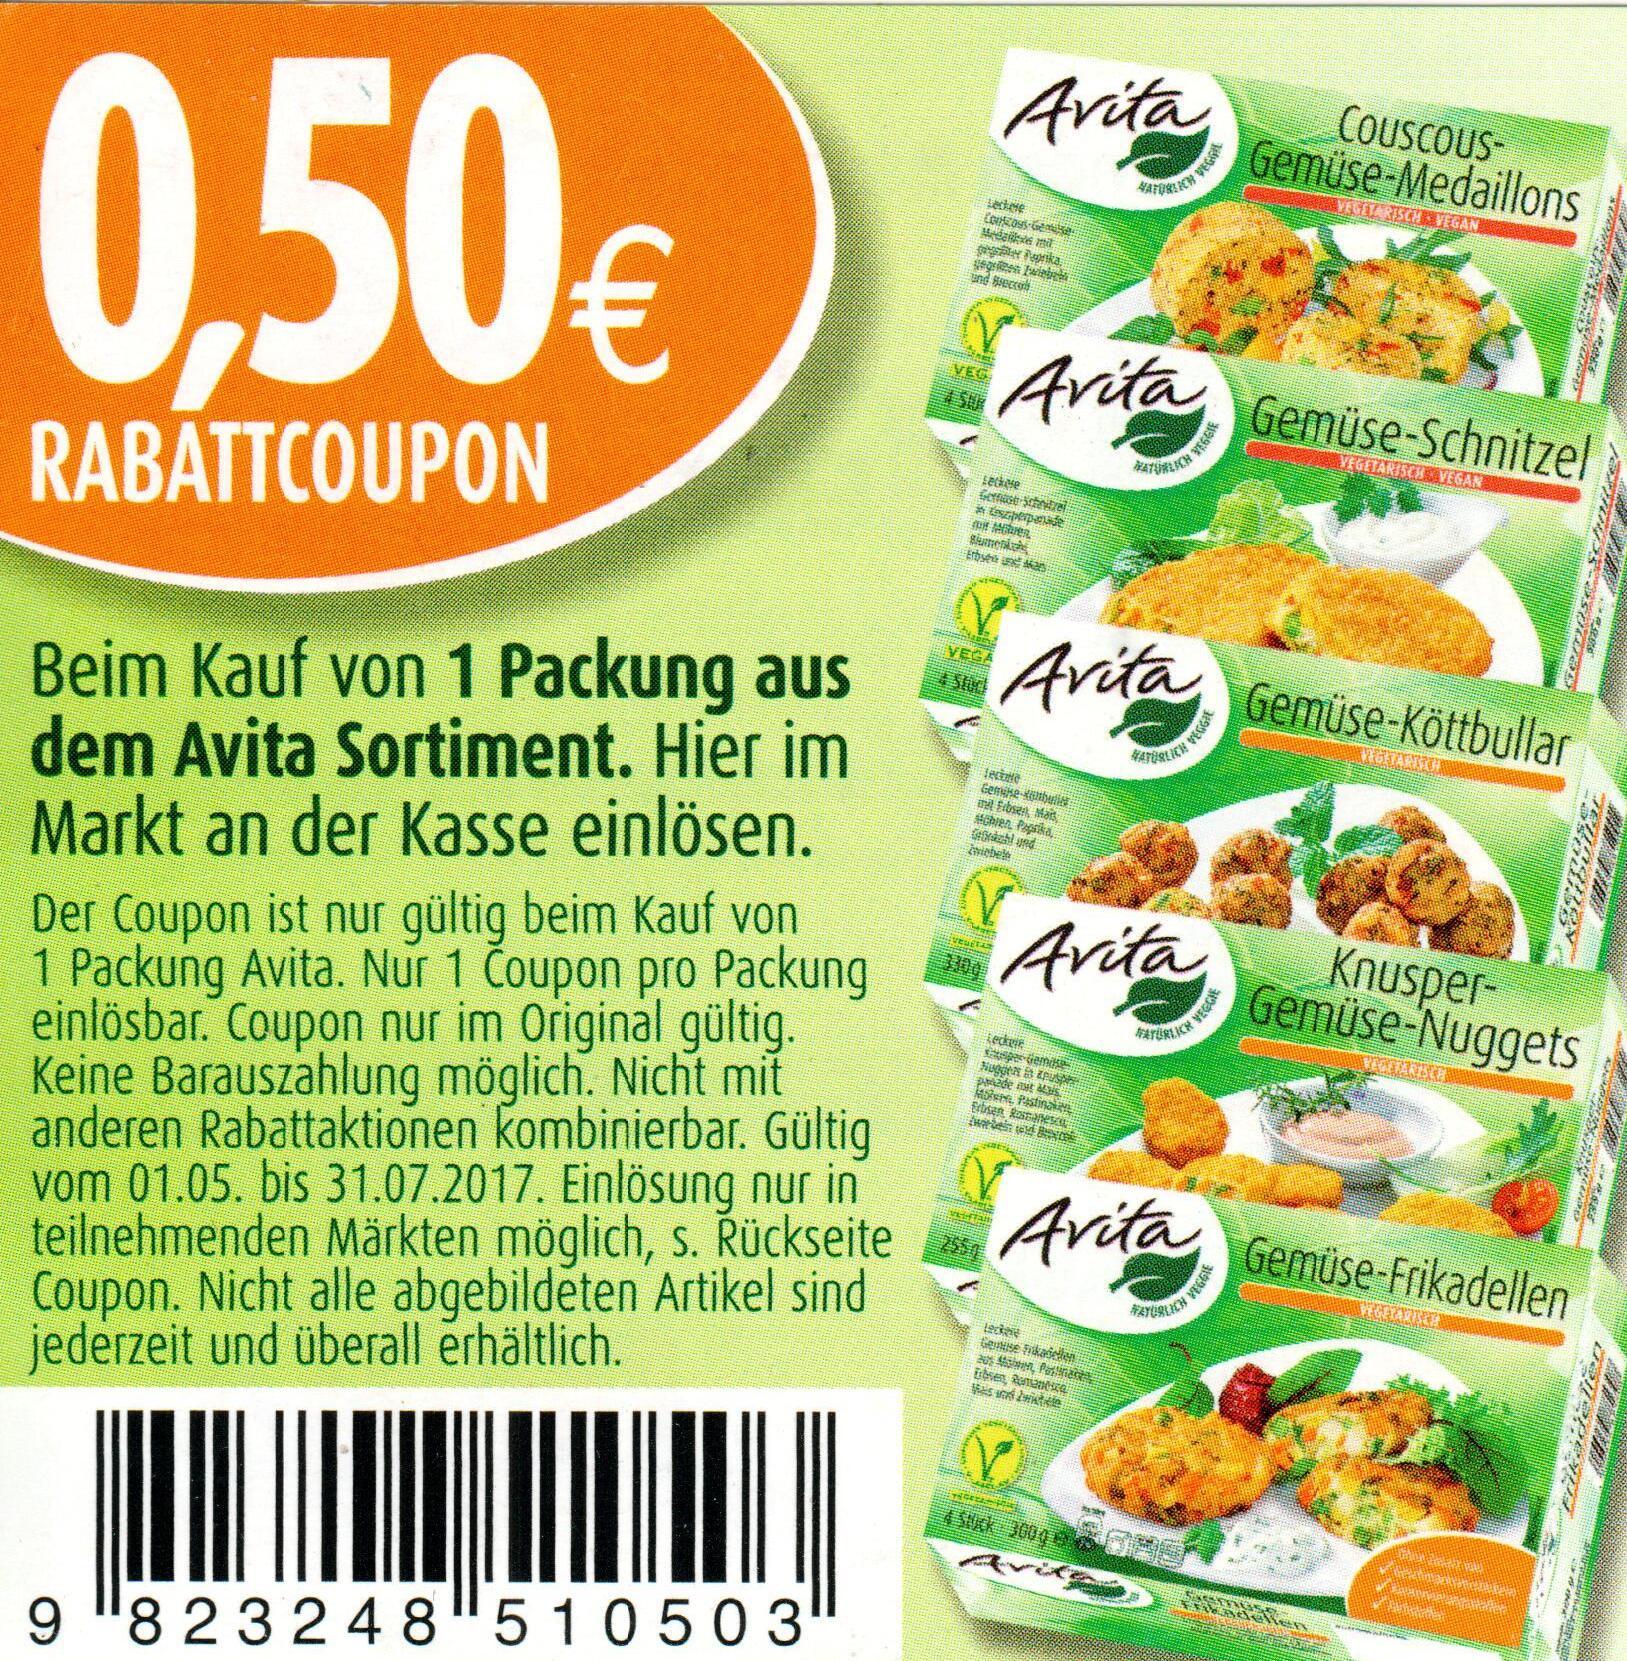 0,50€ Sofort-Rabatt-Coupon für Avita Vegetarische Produkte bis 31.07.2017 [bundesweit]